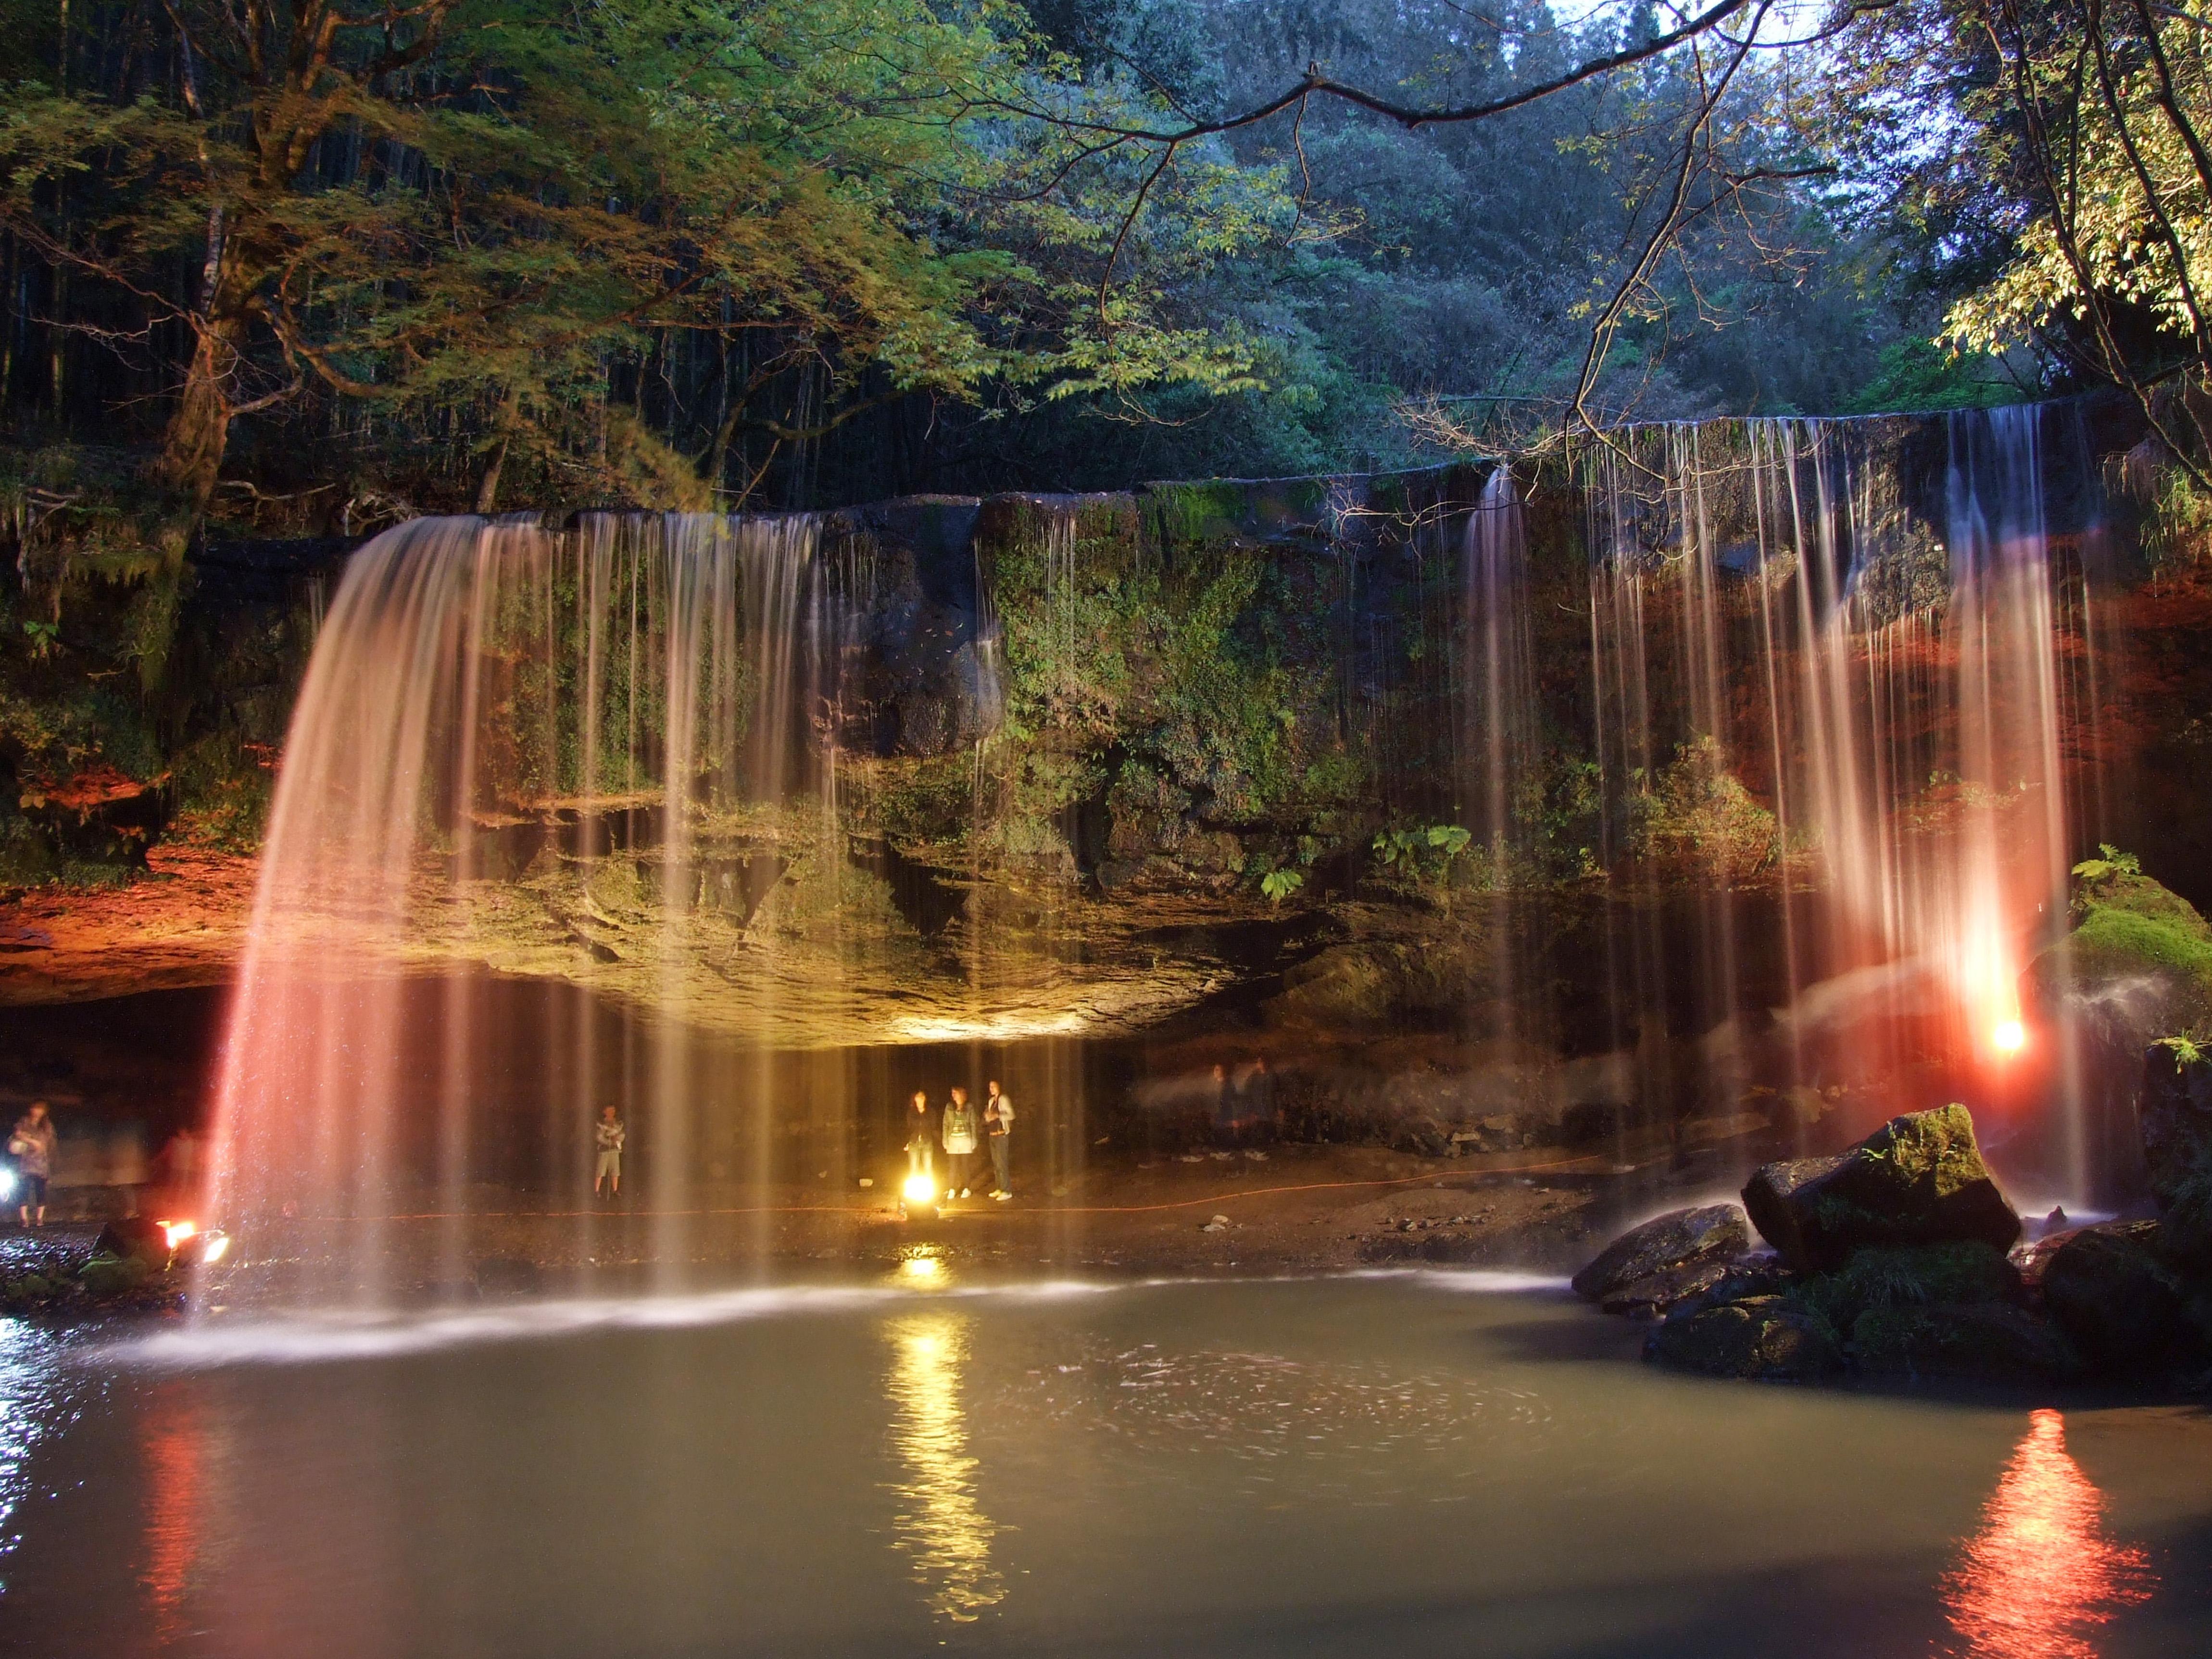 【鍋ヶ滝ライトアップ2018】神秘的な様子を見に阿蘇へ行こう。